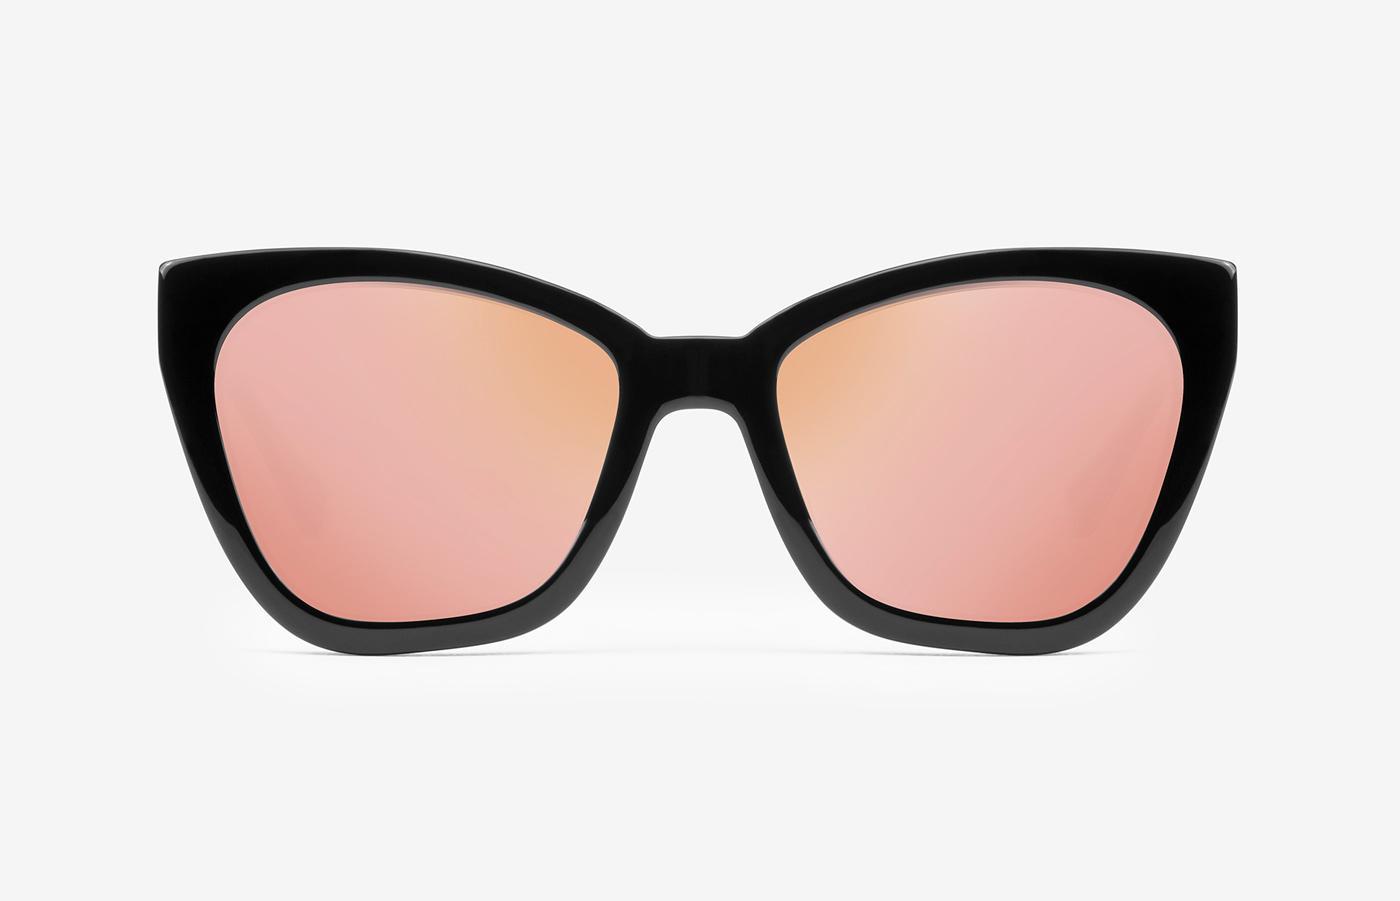 8963aaec90 ... un design rock chic: la classica lente dalla cornice quadrata è stata  reinterpretata, con un tocco cat eye, in toni sofisticati e discreti (34,95  euro).